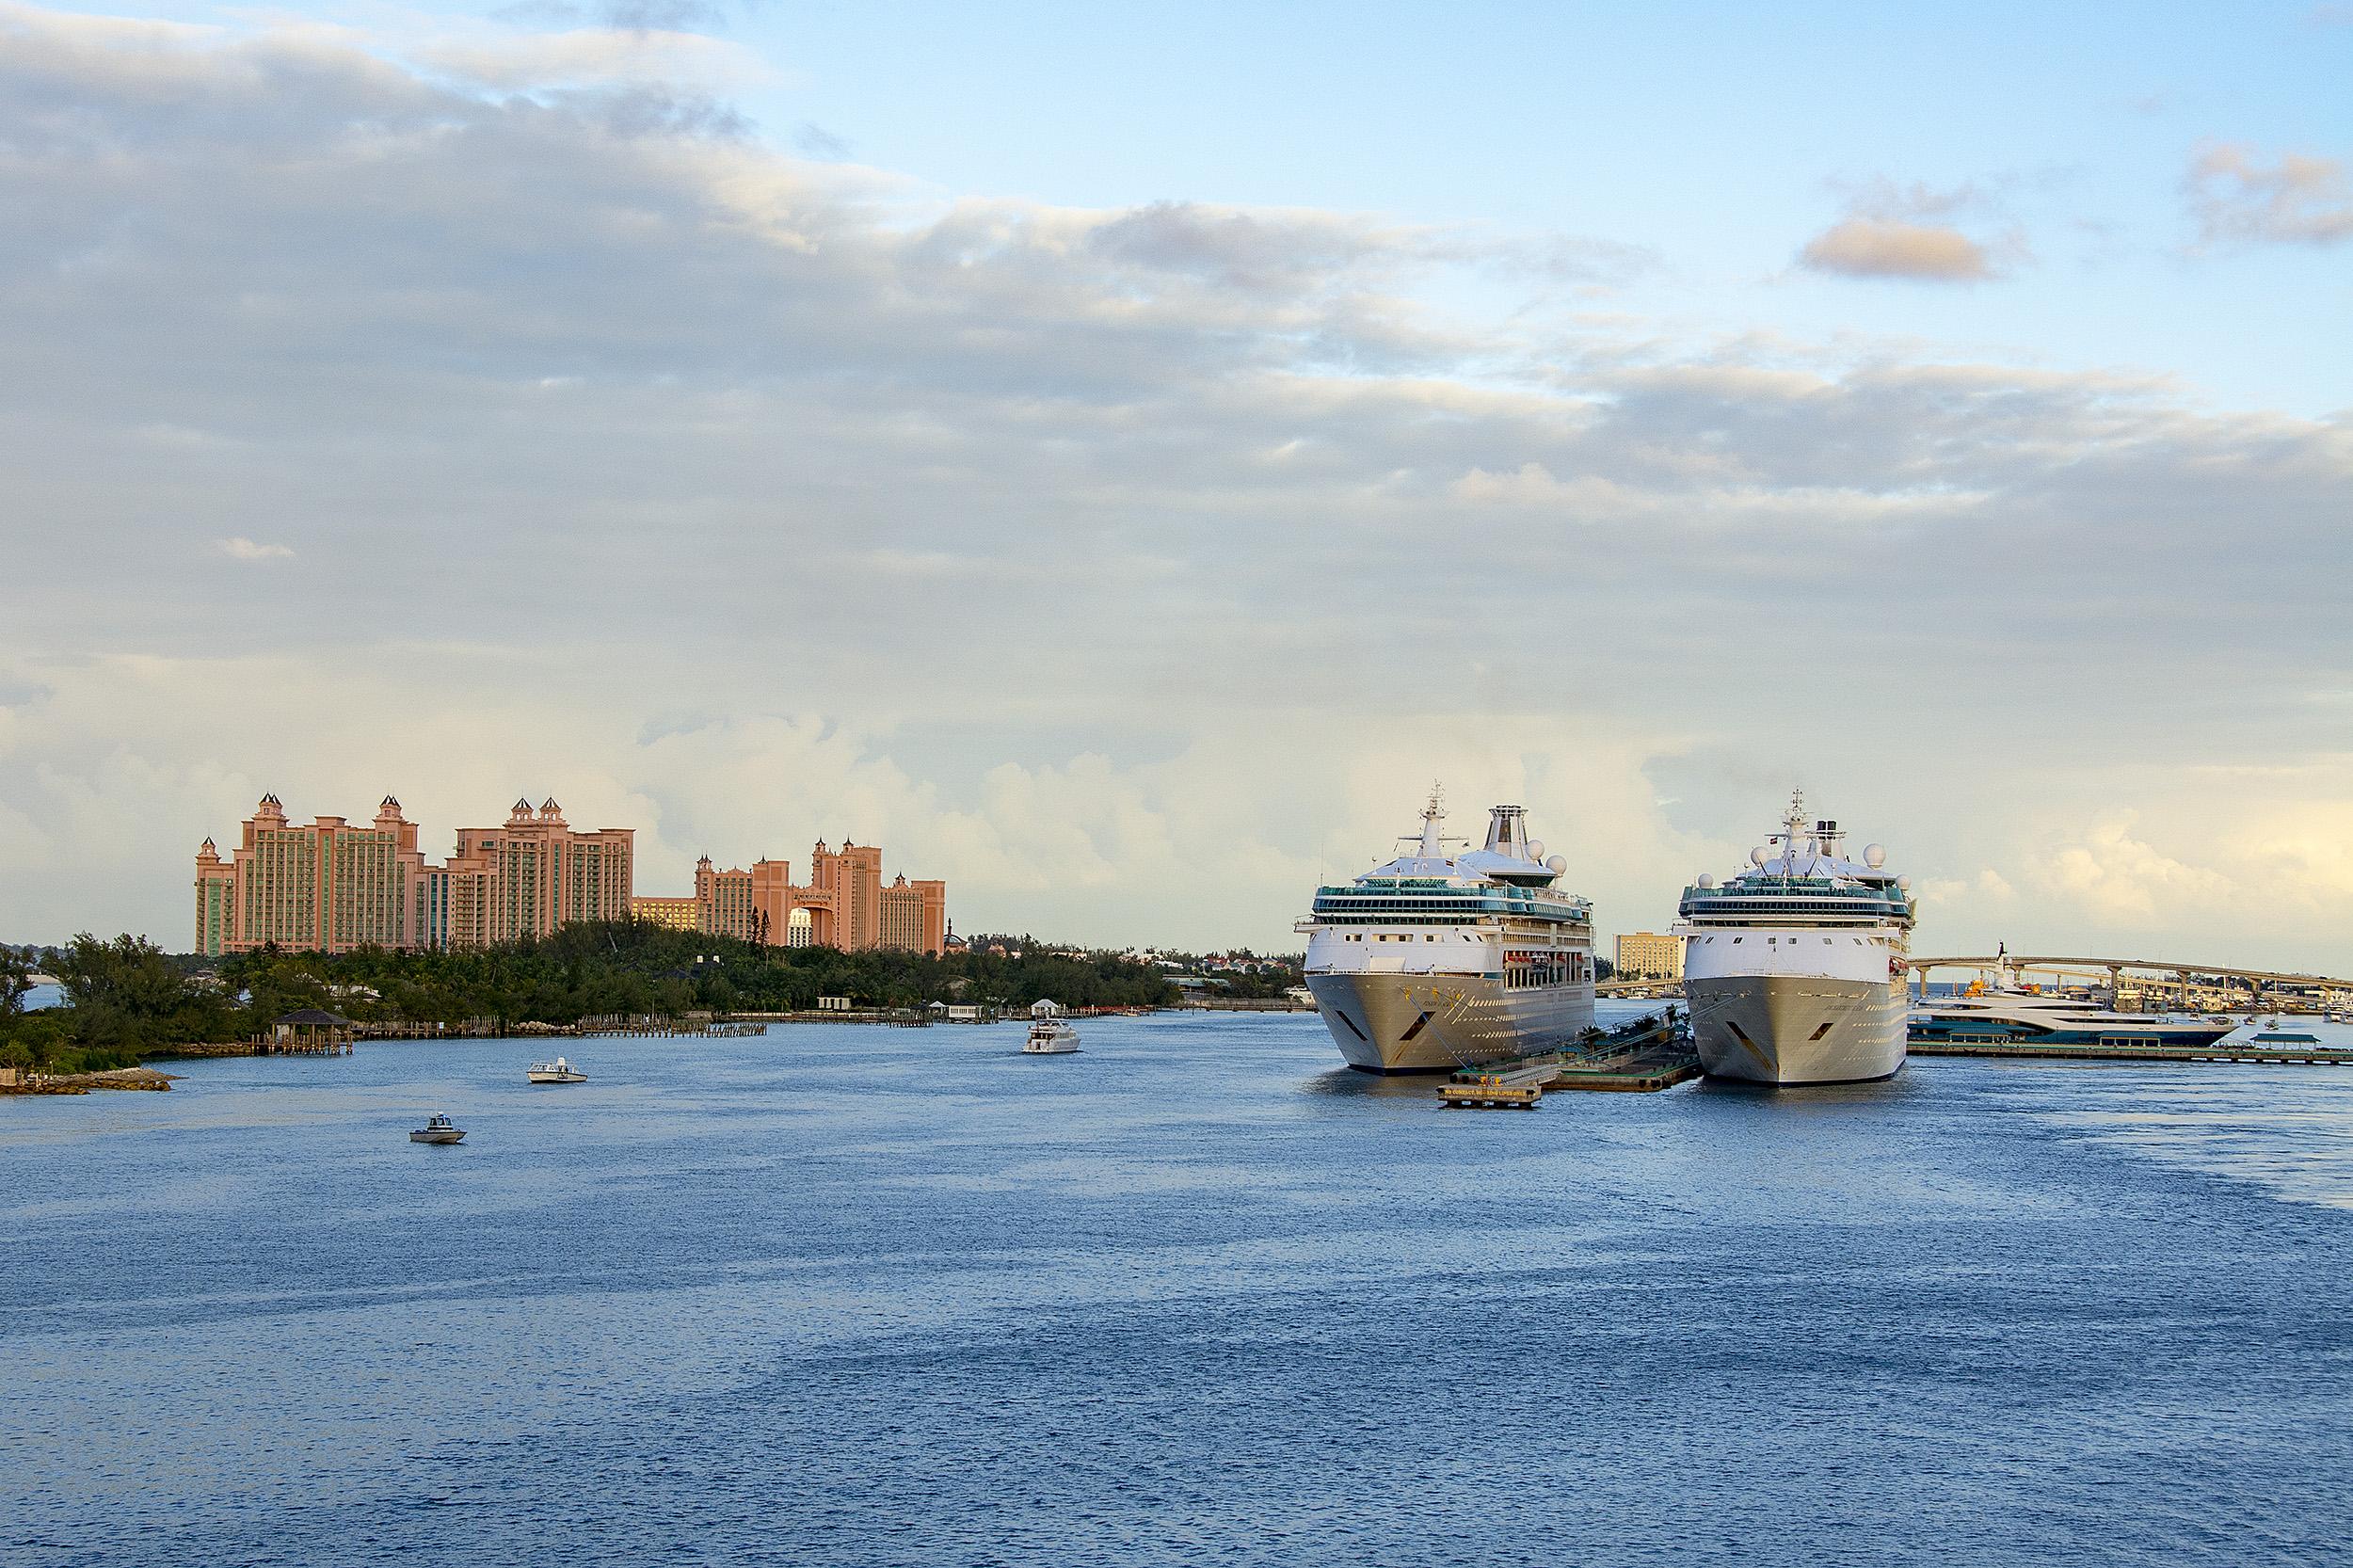 Atlantis Nassau Bahamas Royal Caribbean